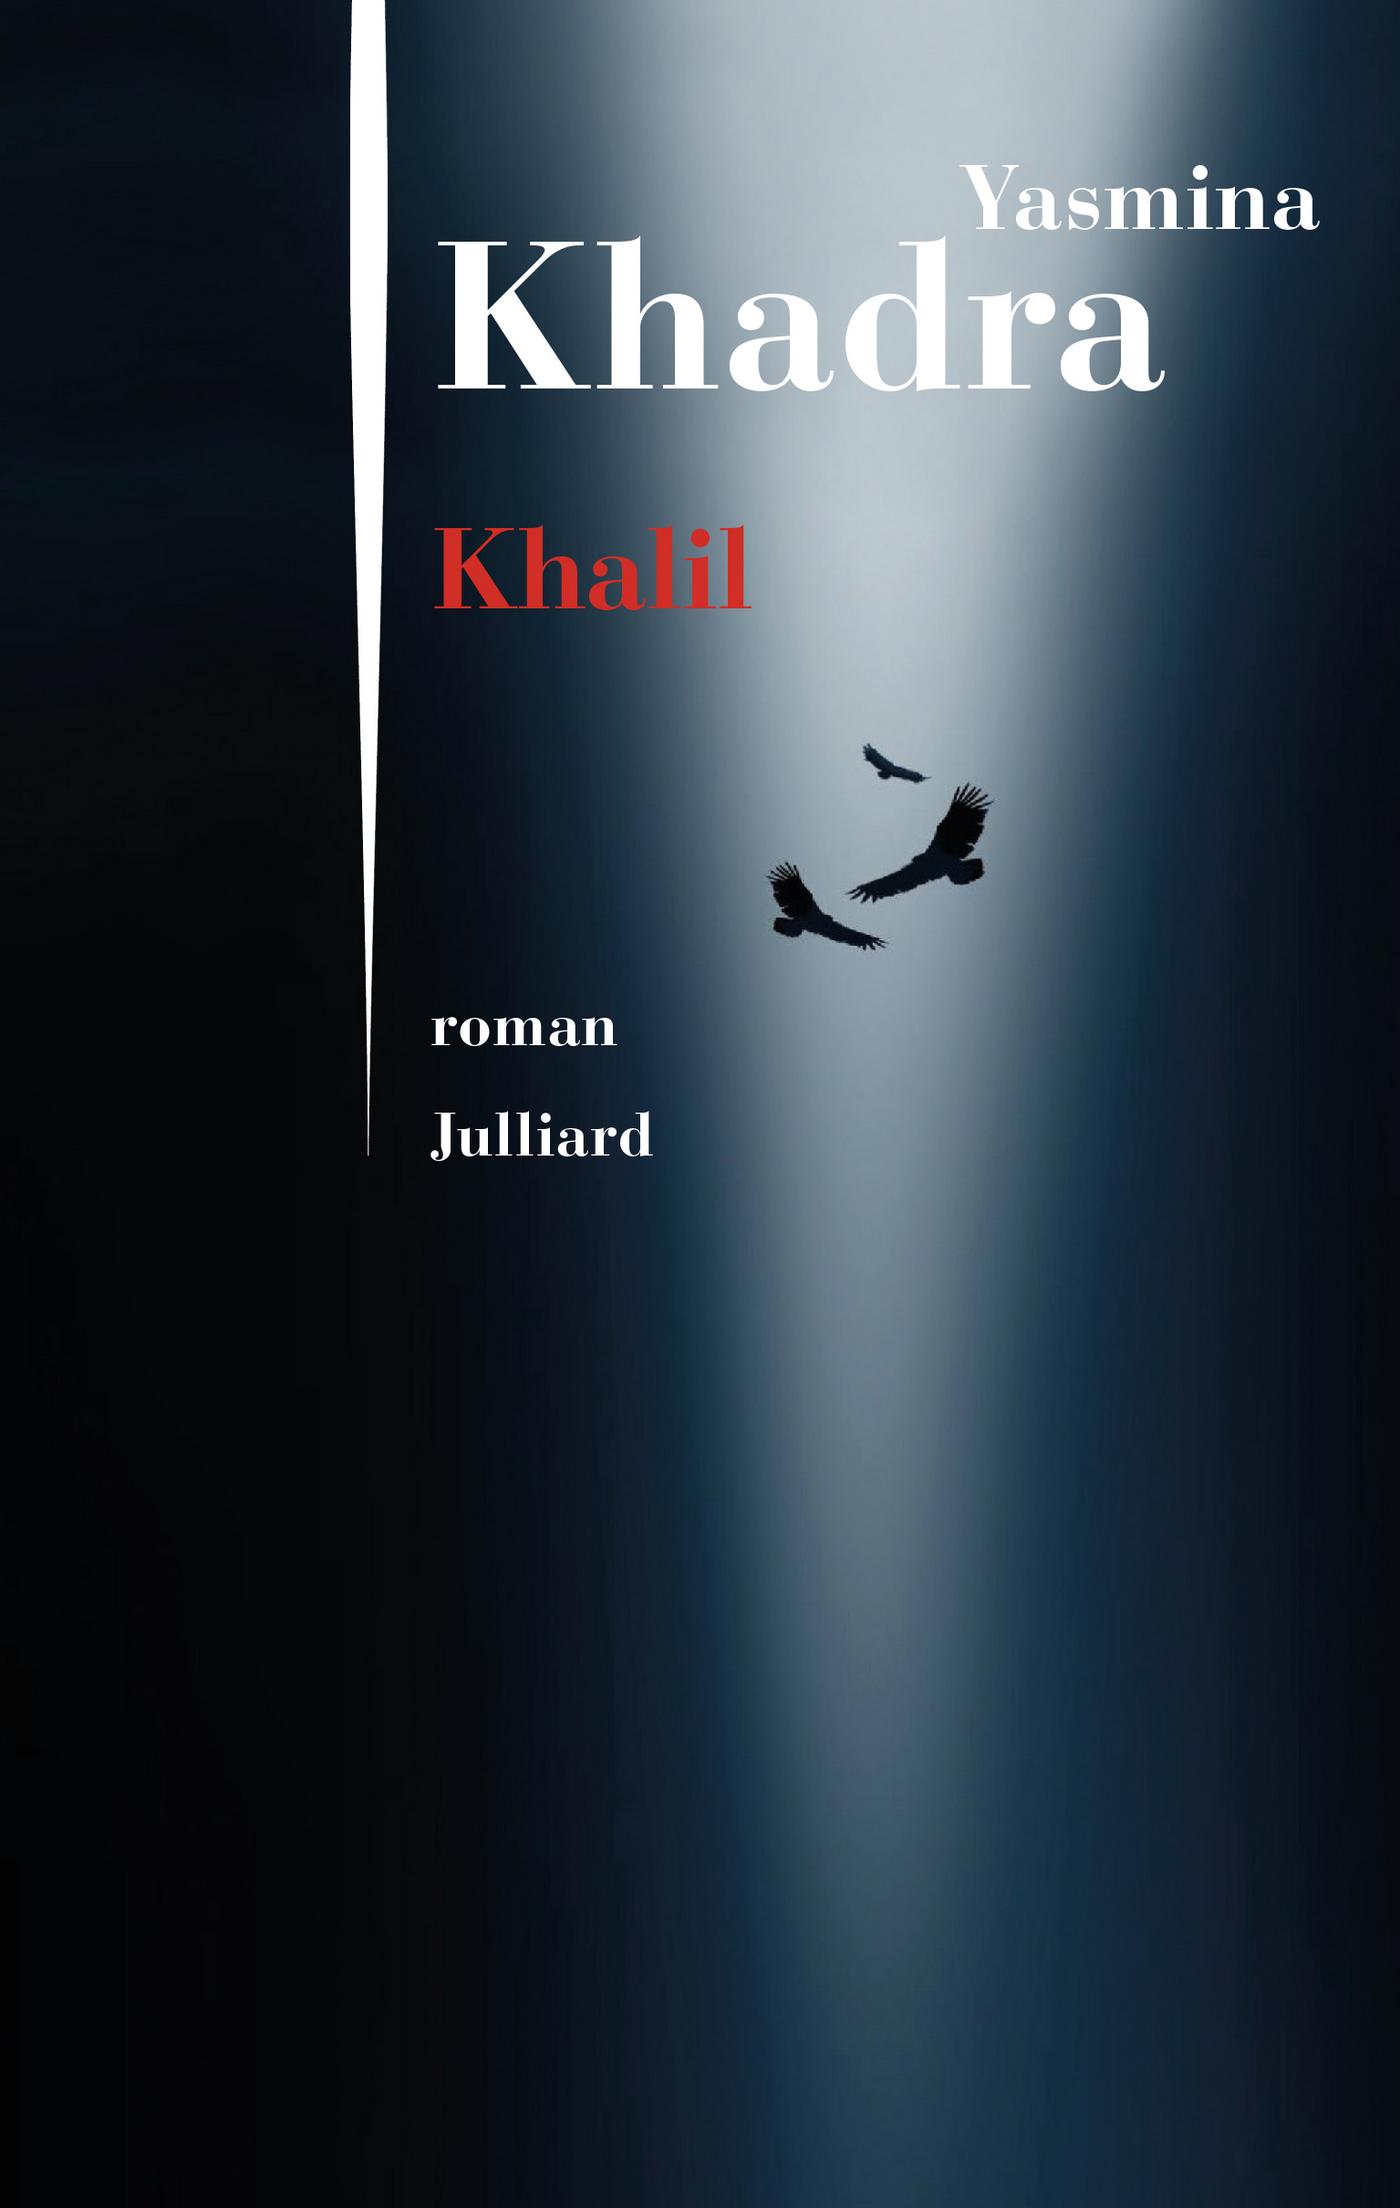 Khalil | KHADRA, Yasmina